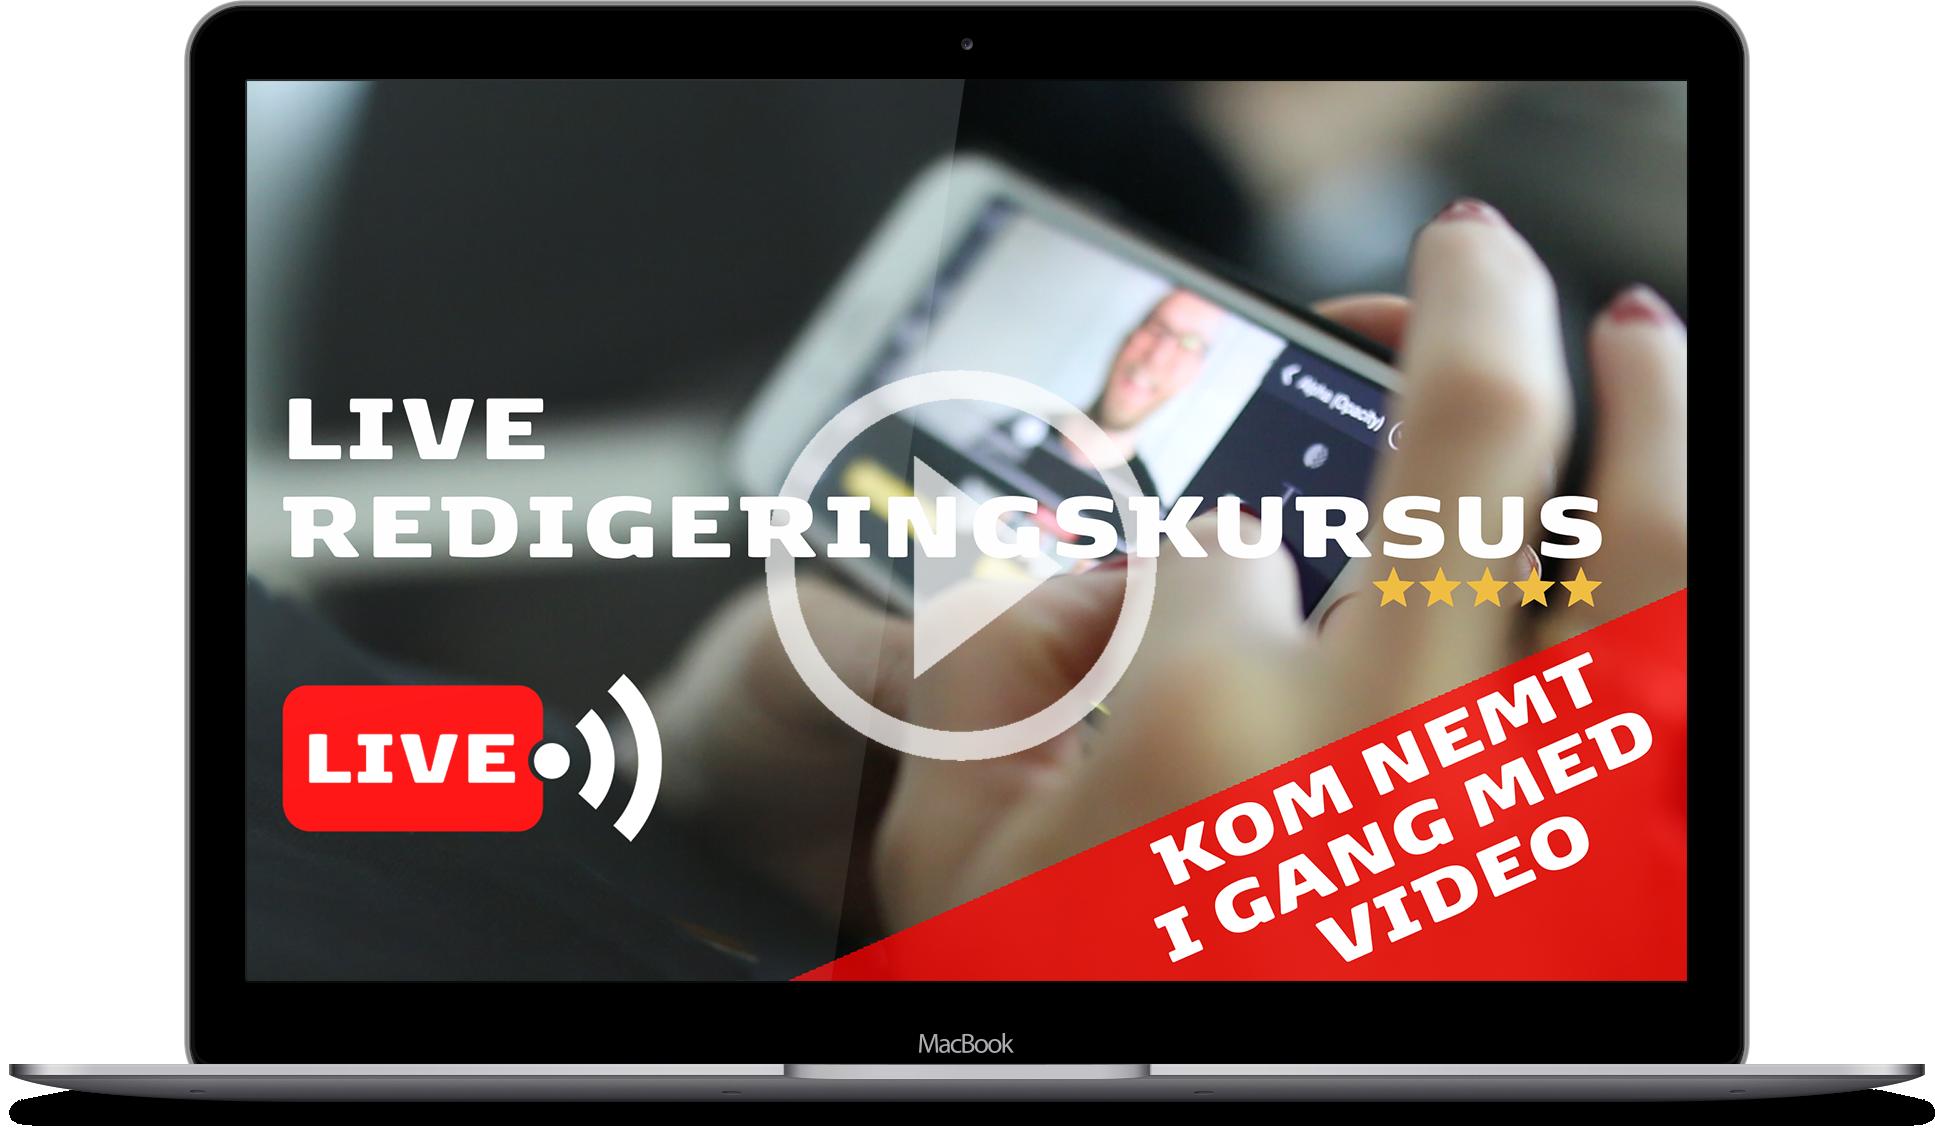 LIVE_REDIGERINGSKURSUS.png